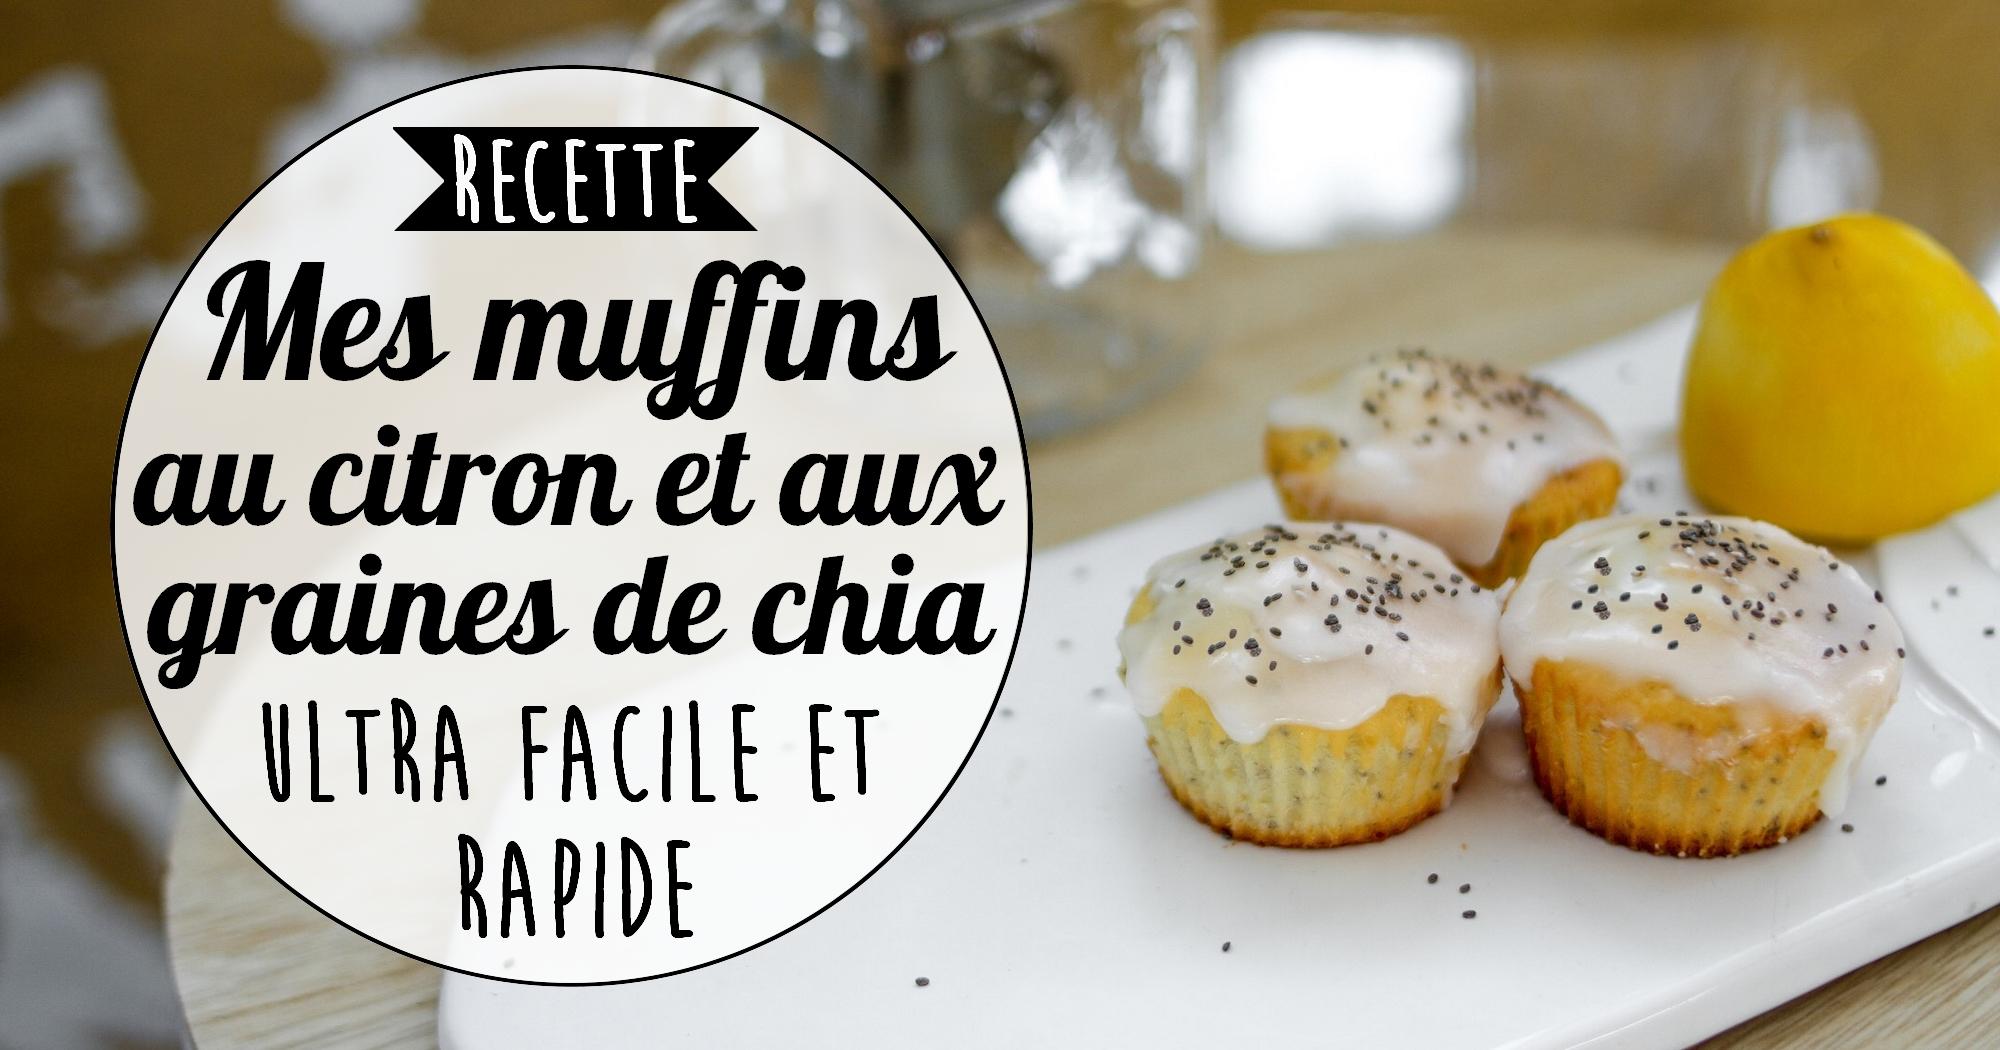 Recette facile et rapide : mes muffins au citron et graines de chia